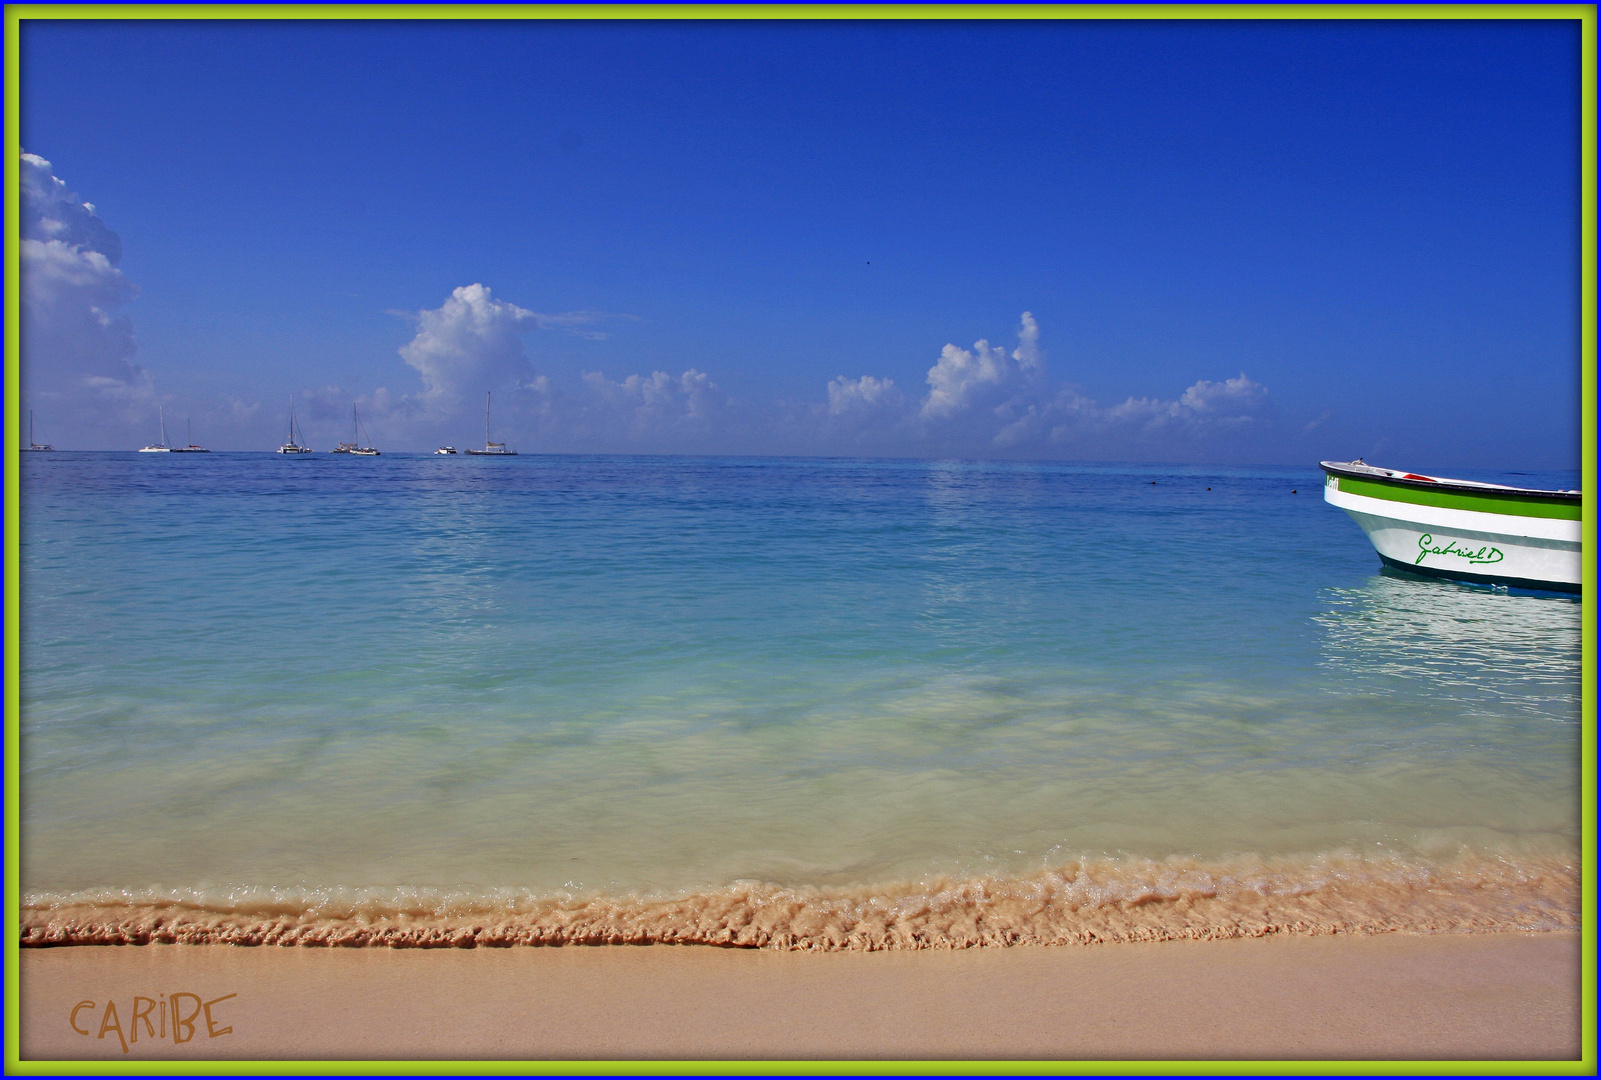 CARIBE DOMINICANO